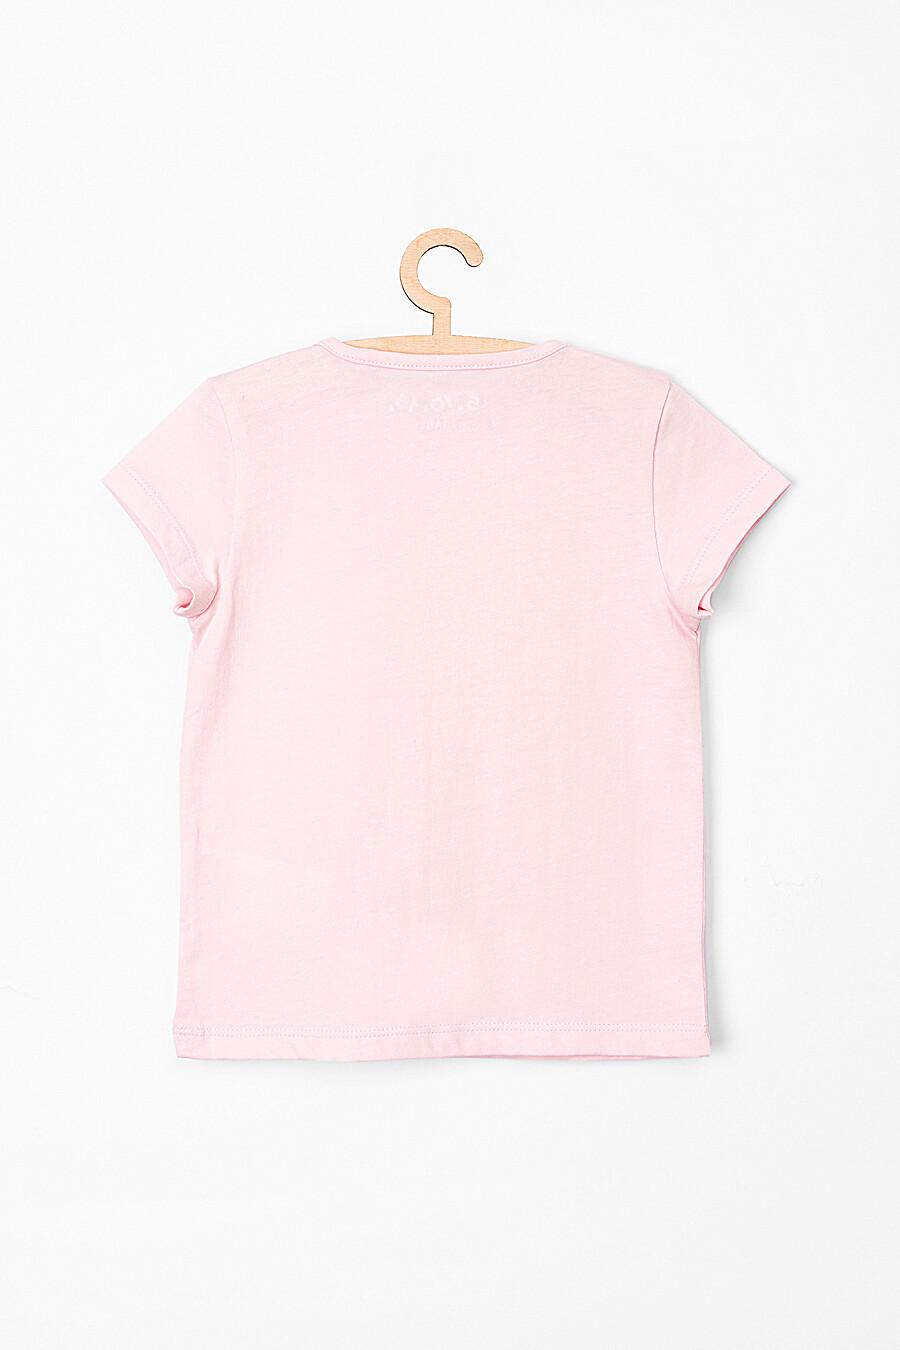 Футболка для девочек 5.10.15 218416 купить оптом от производителя. Совместная покупка детской одежды в OptMoyo